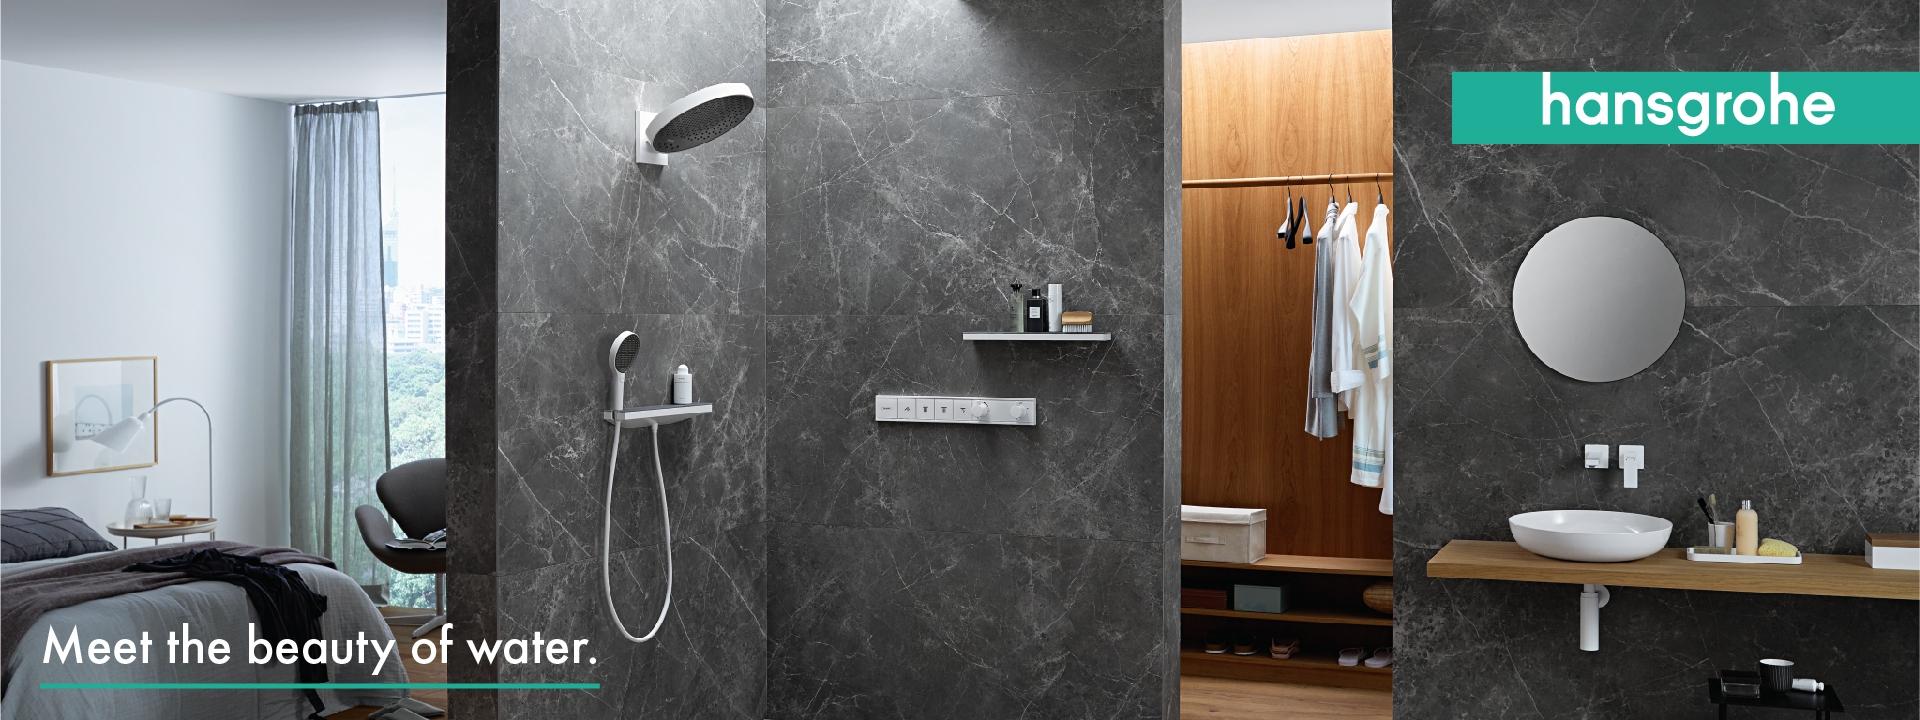 Website banners-05 hansgrohe axor shower set